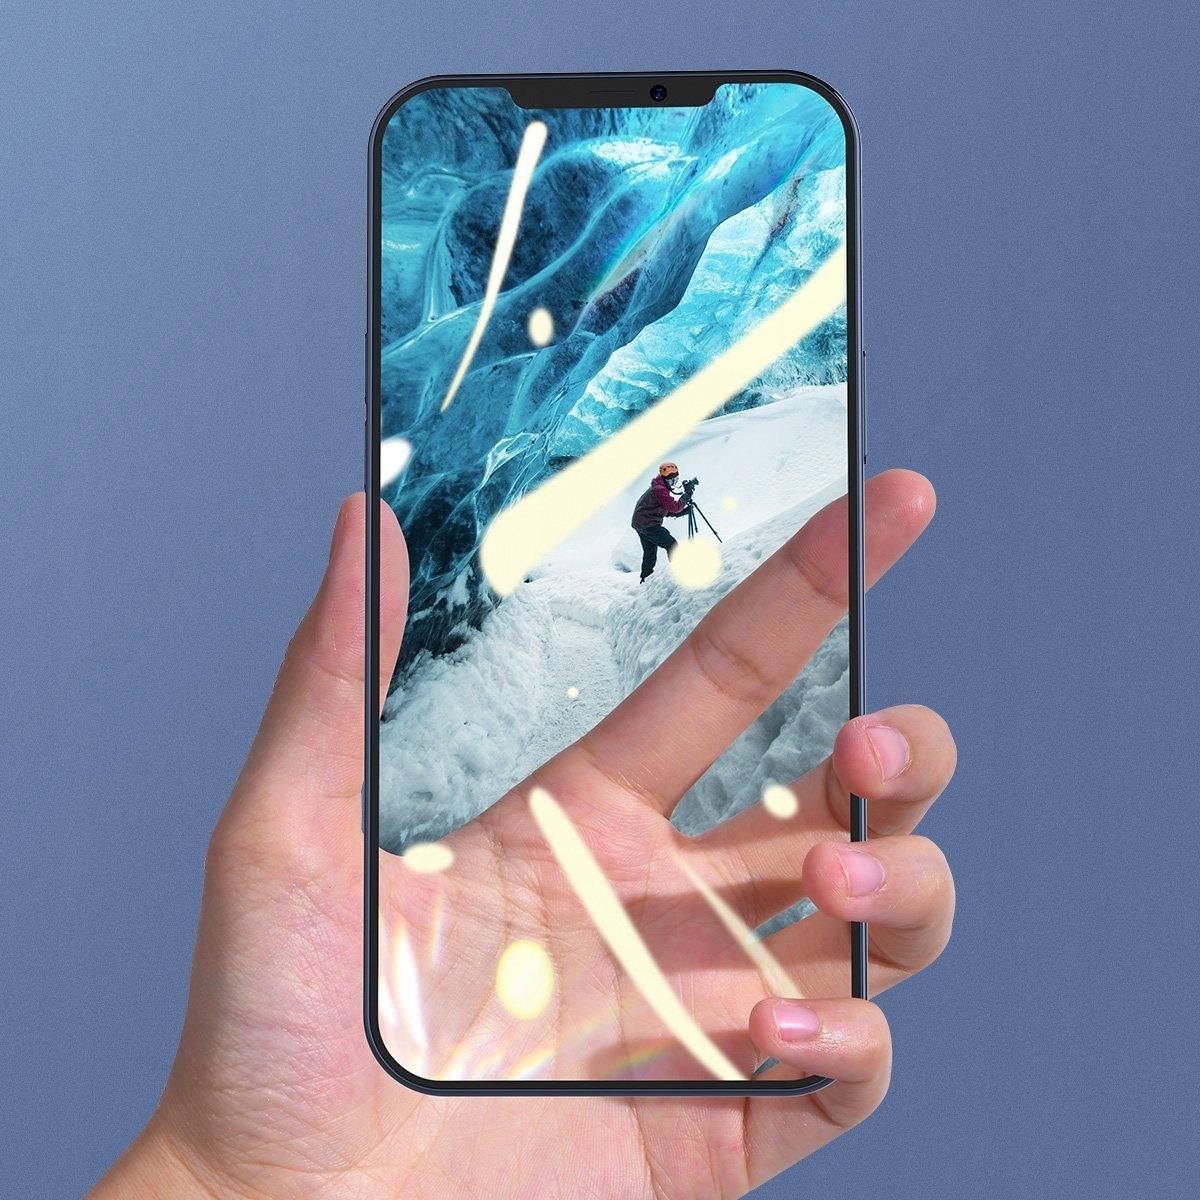 Baseus Szkło hartowane do iPhone 12 / 12 Pro 6.1 Rodzaj szkło hartowane